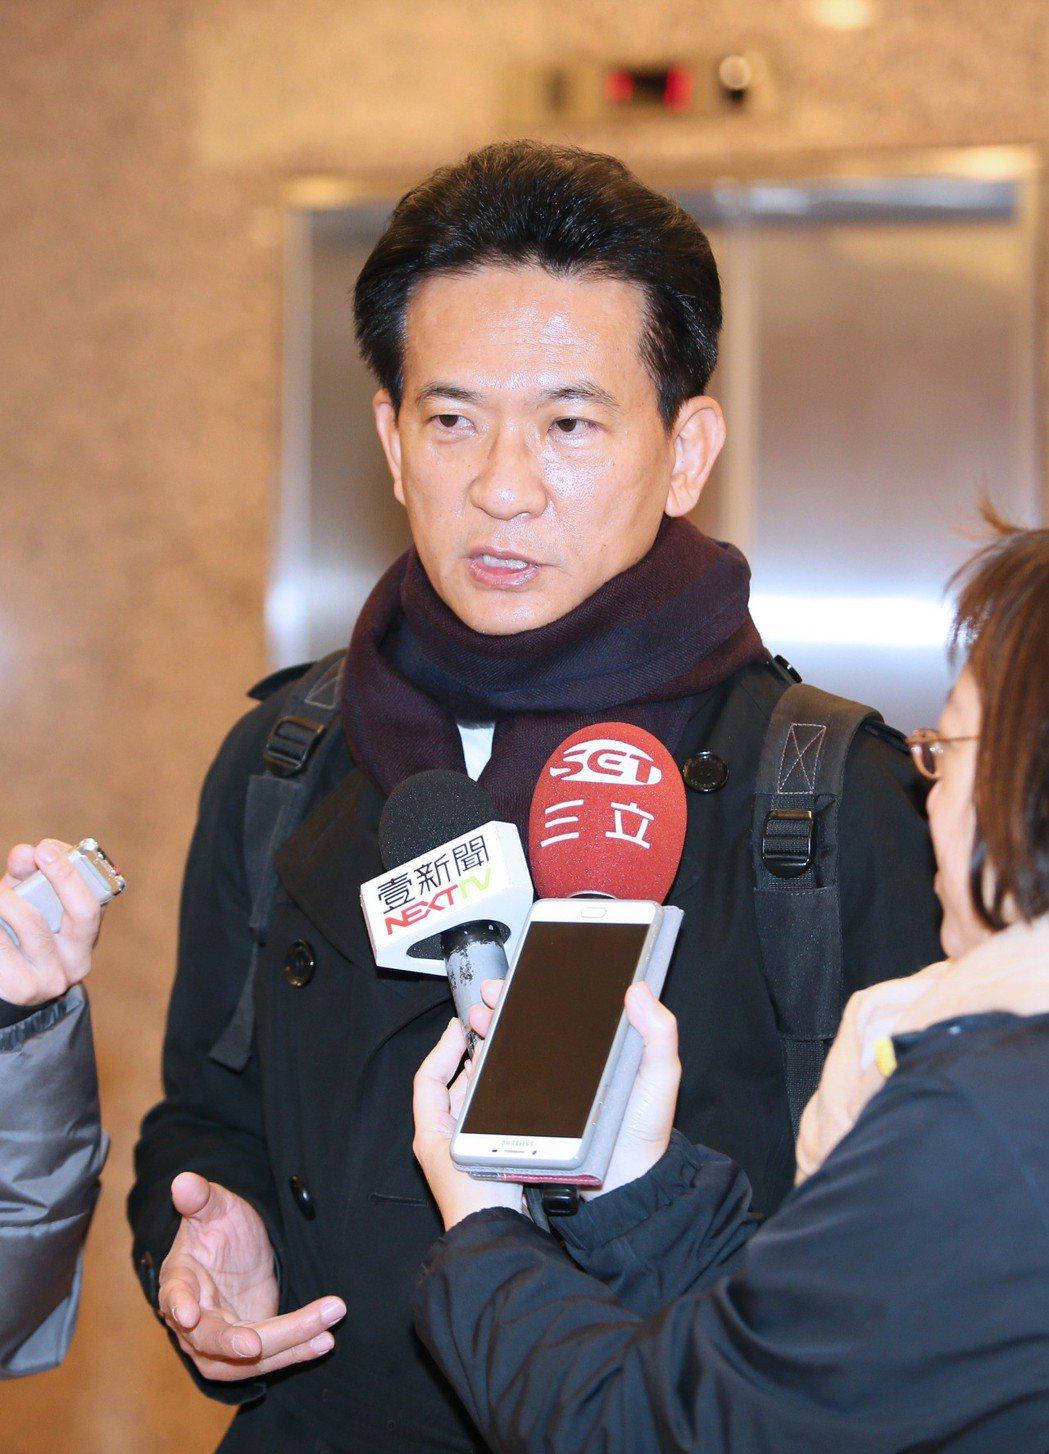 林俊憲:看影片我錯了 但不能做太過分的人身攻擊